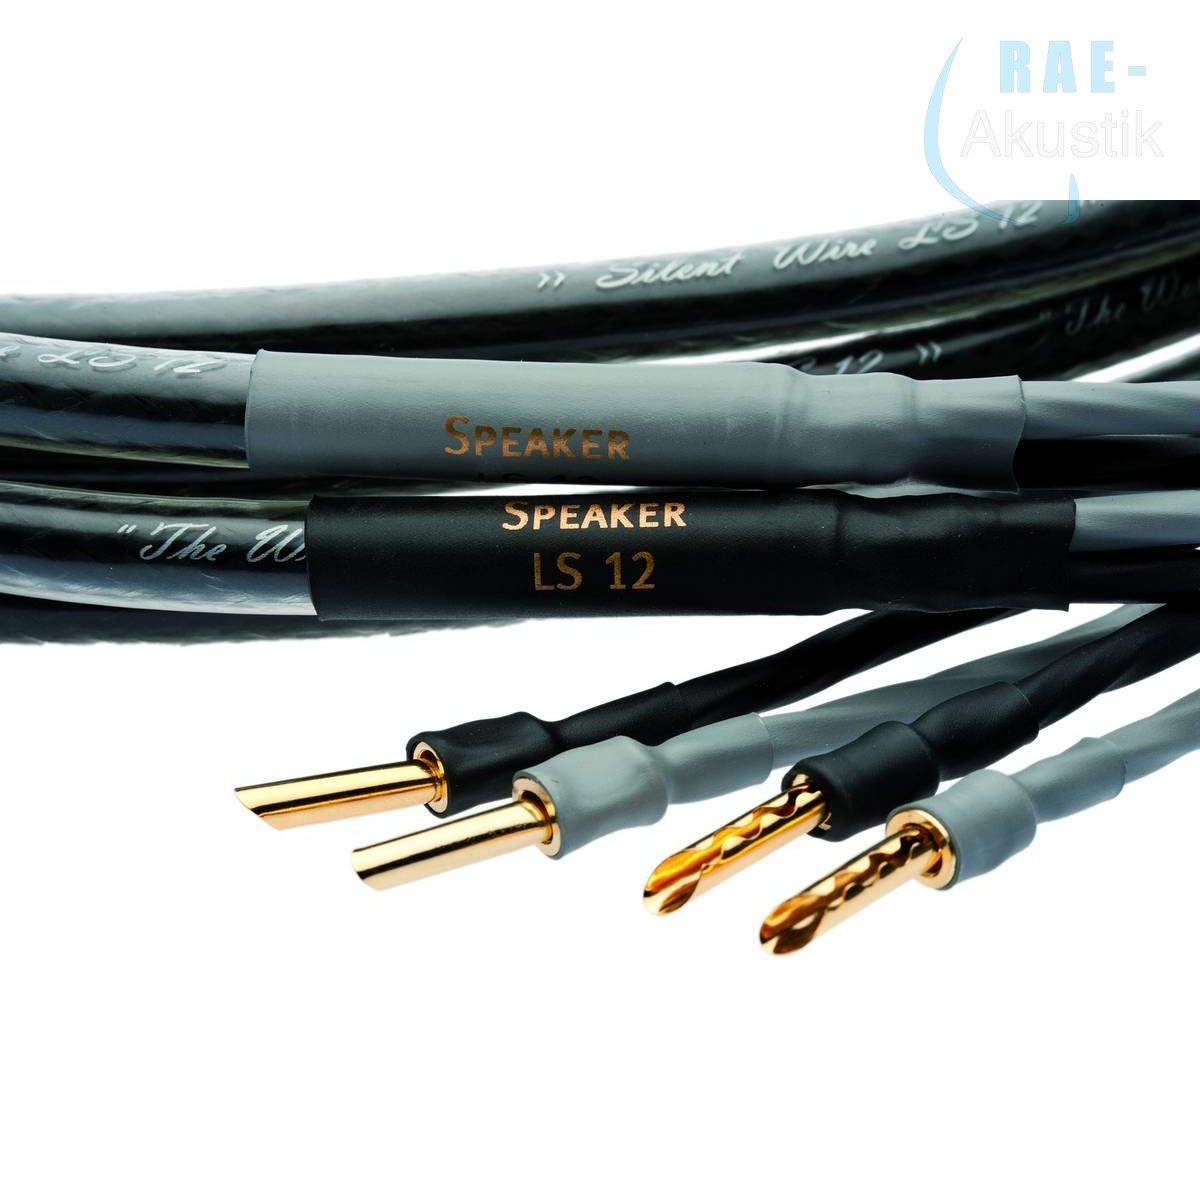 Silent WIRE LS 12 mk2 Lautsprecherkabel, ab 2 x 1,0 m, single oder bi